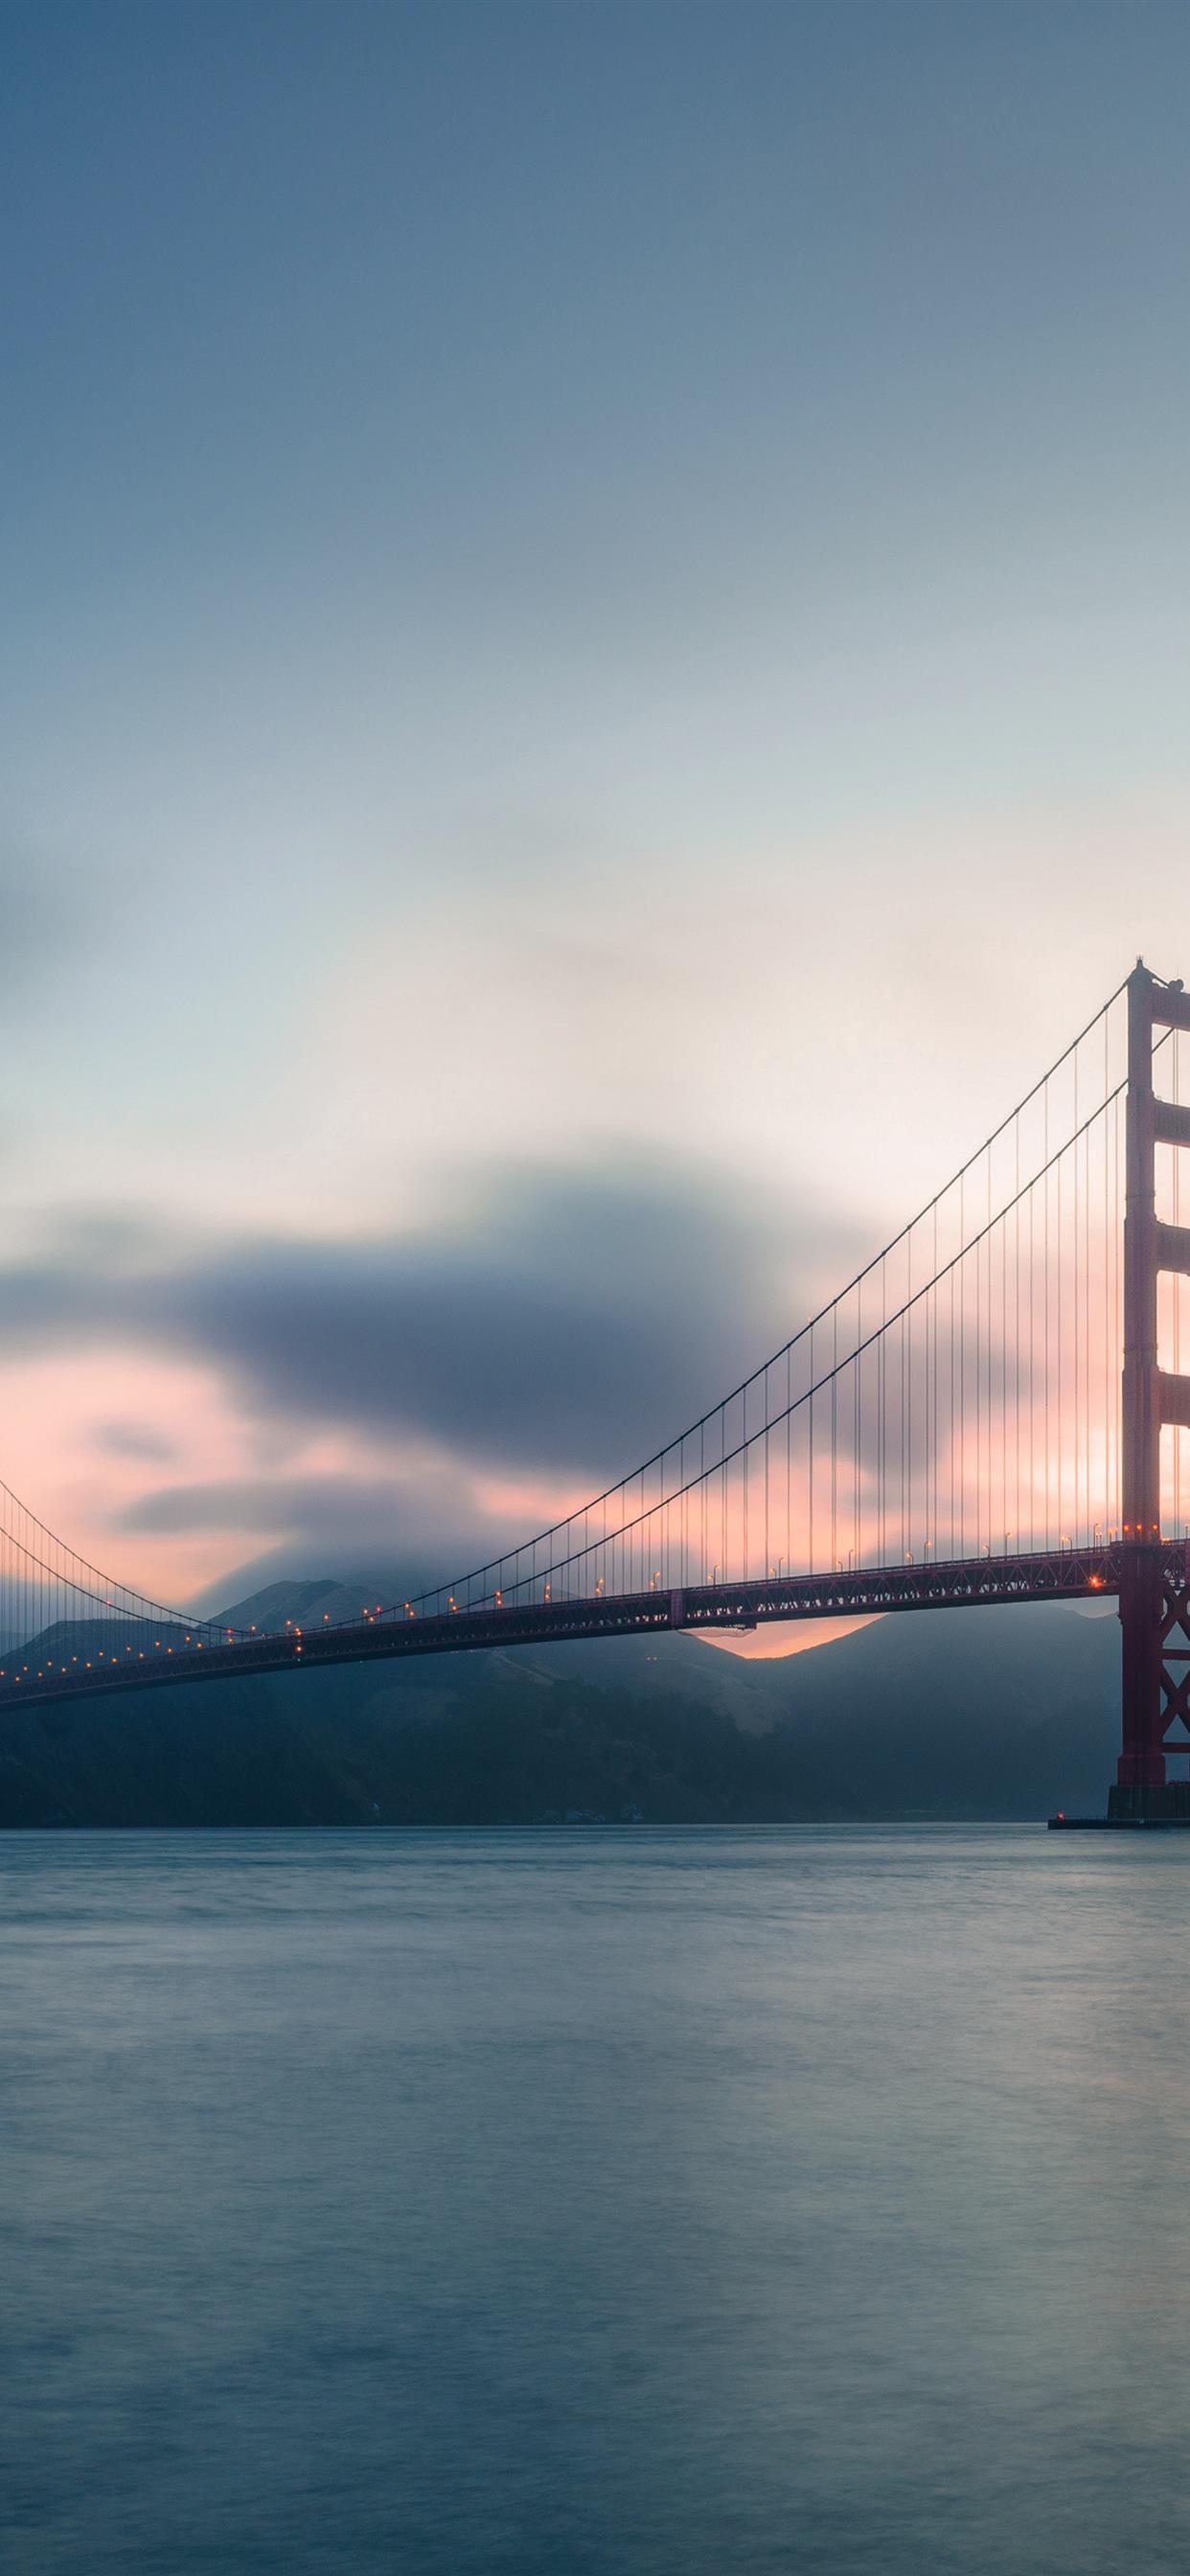 Golden Gate Bridge Iphone X Wallpapers Free Download